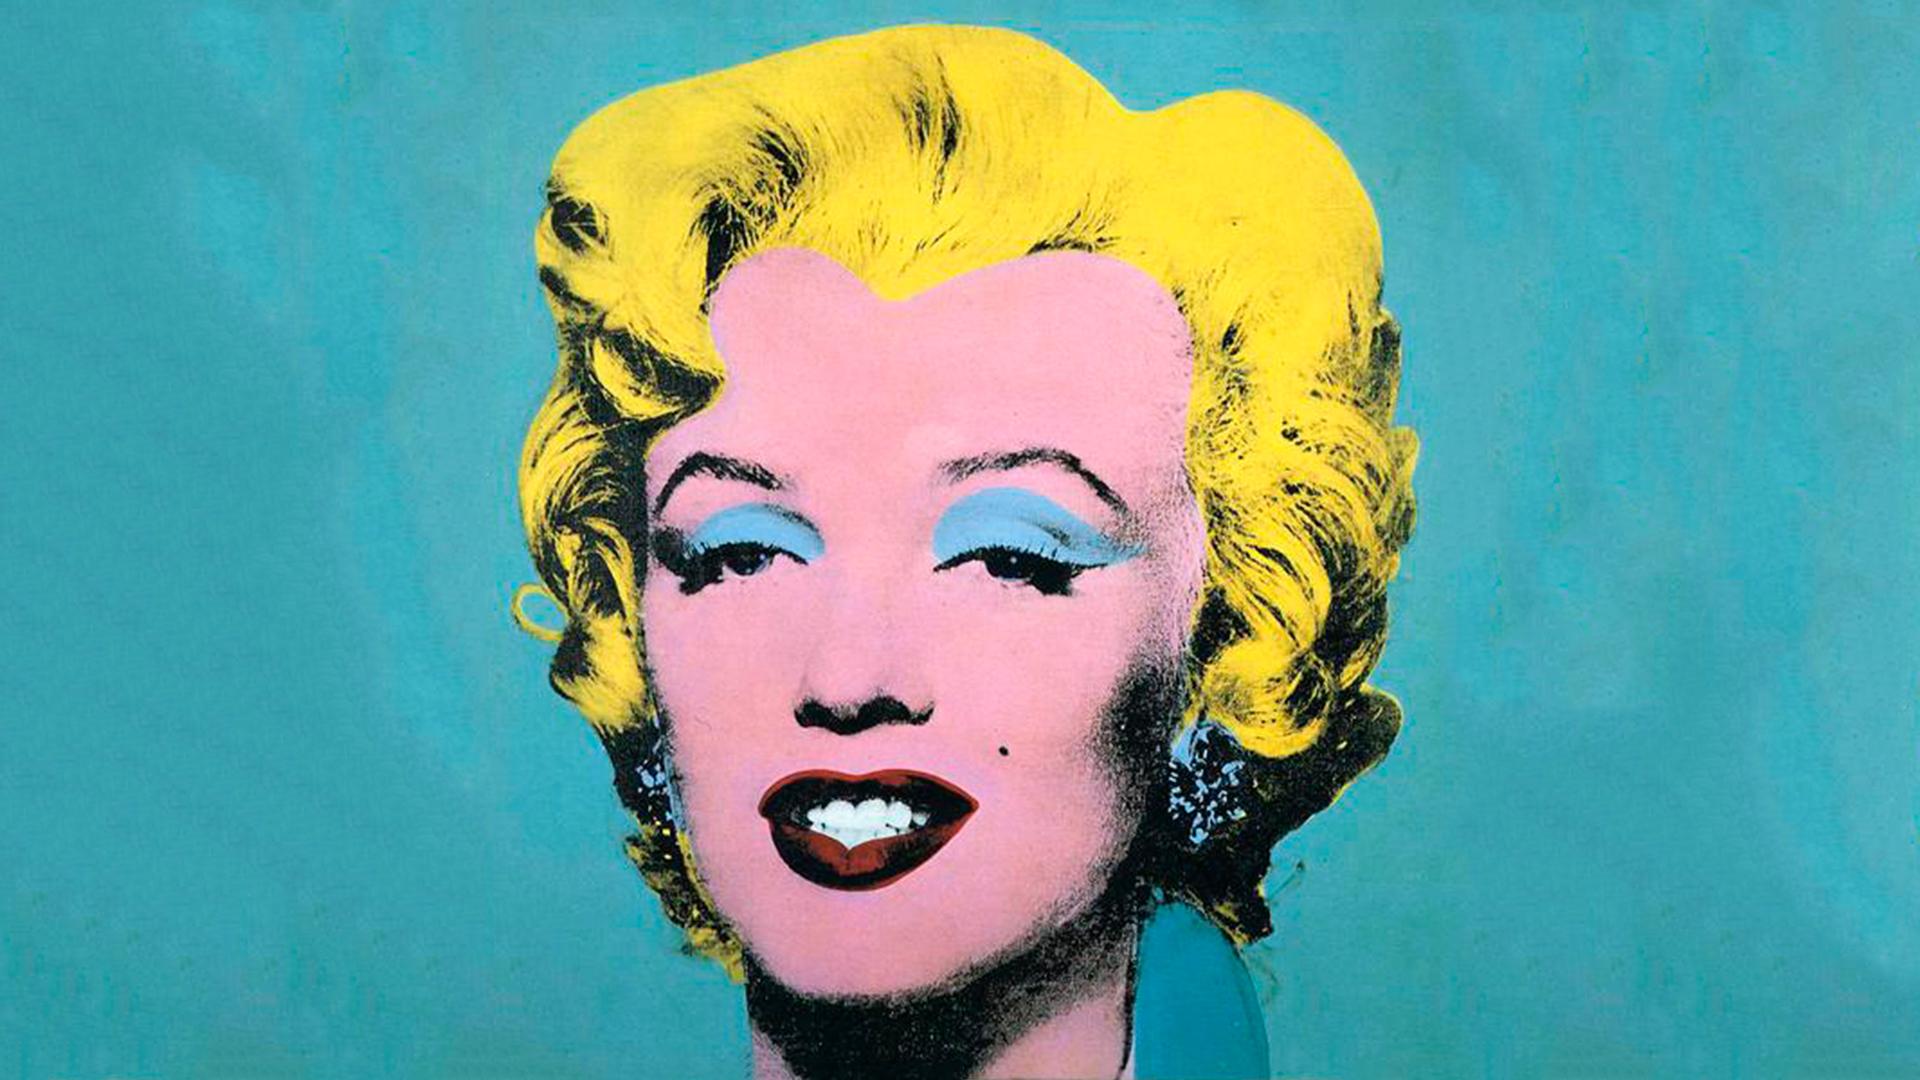 20 coisas que talvez você não saiba sobre Andy Warhol